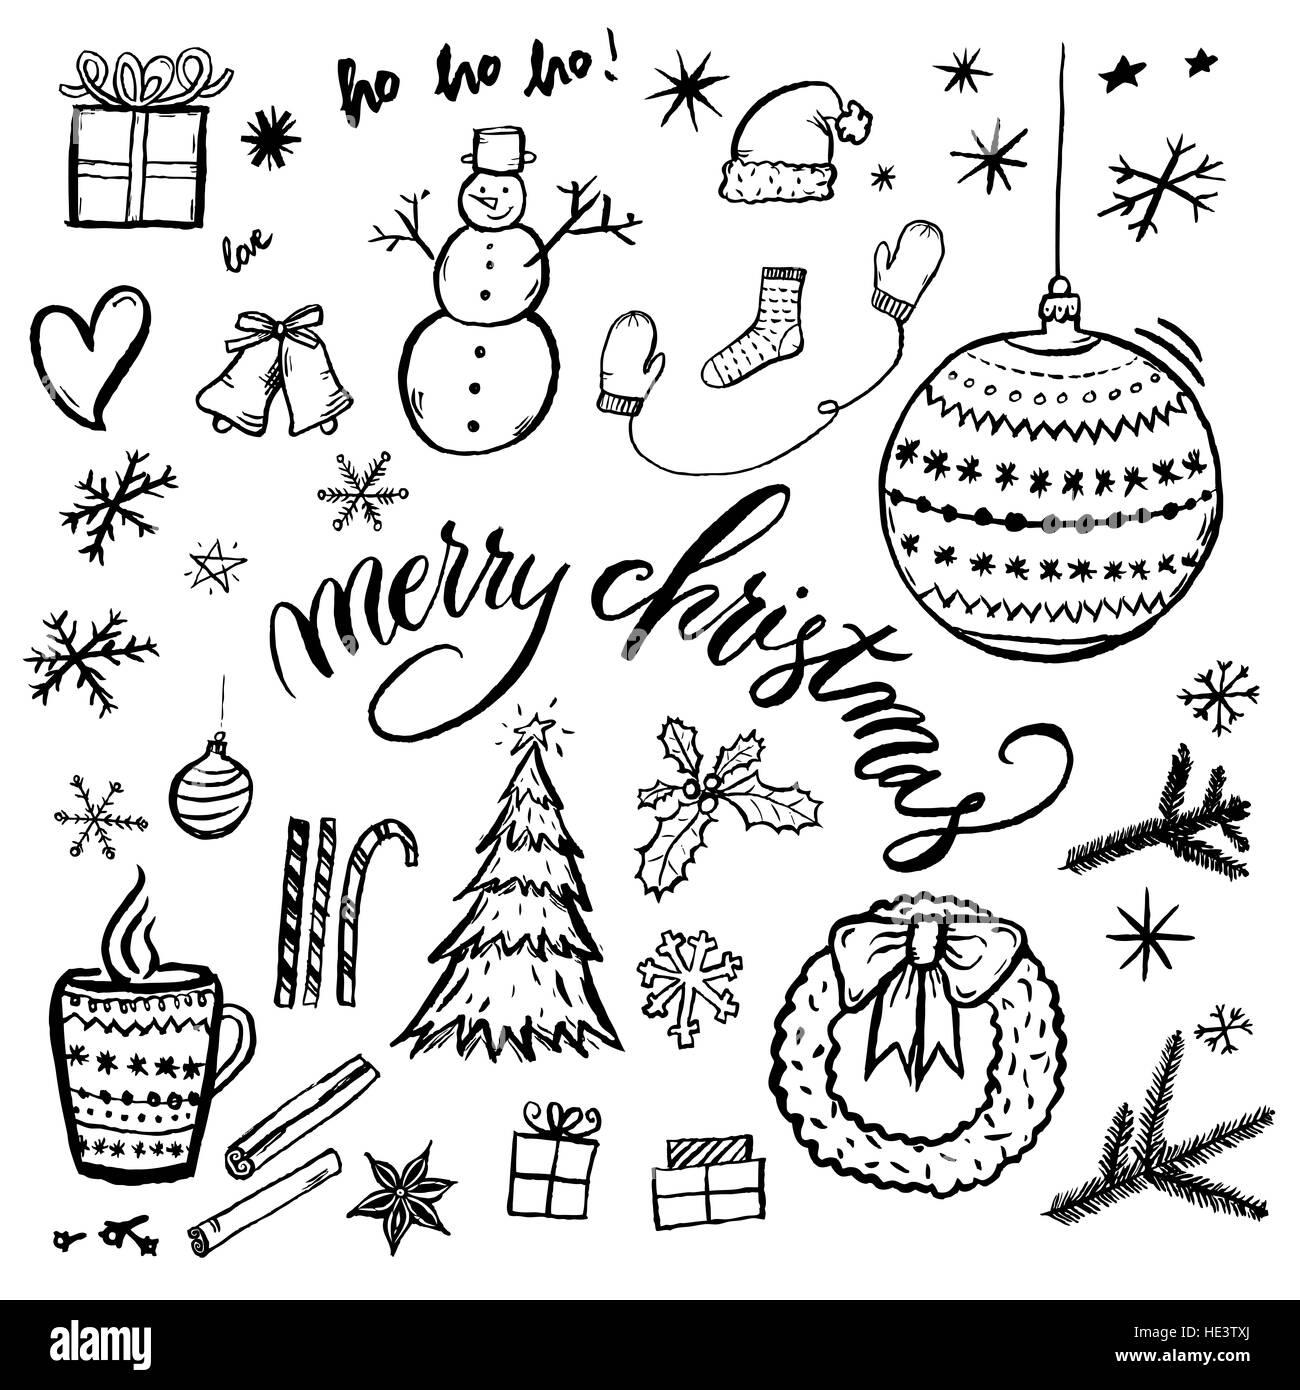 Joyeux Noel A La Main Illustration Isole Sur Fond Blanc Avec Le